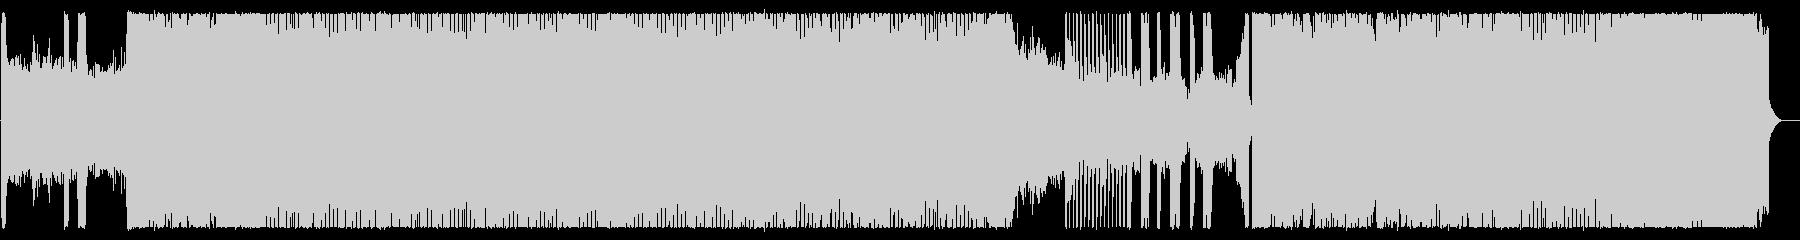 ハイテンポな極悪デスメタルの未再生の波形